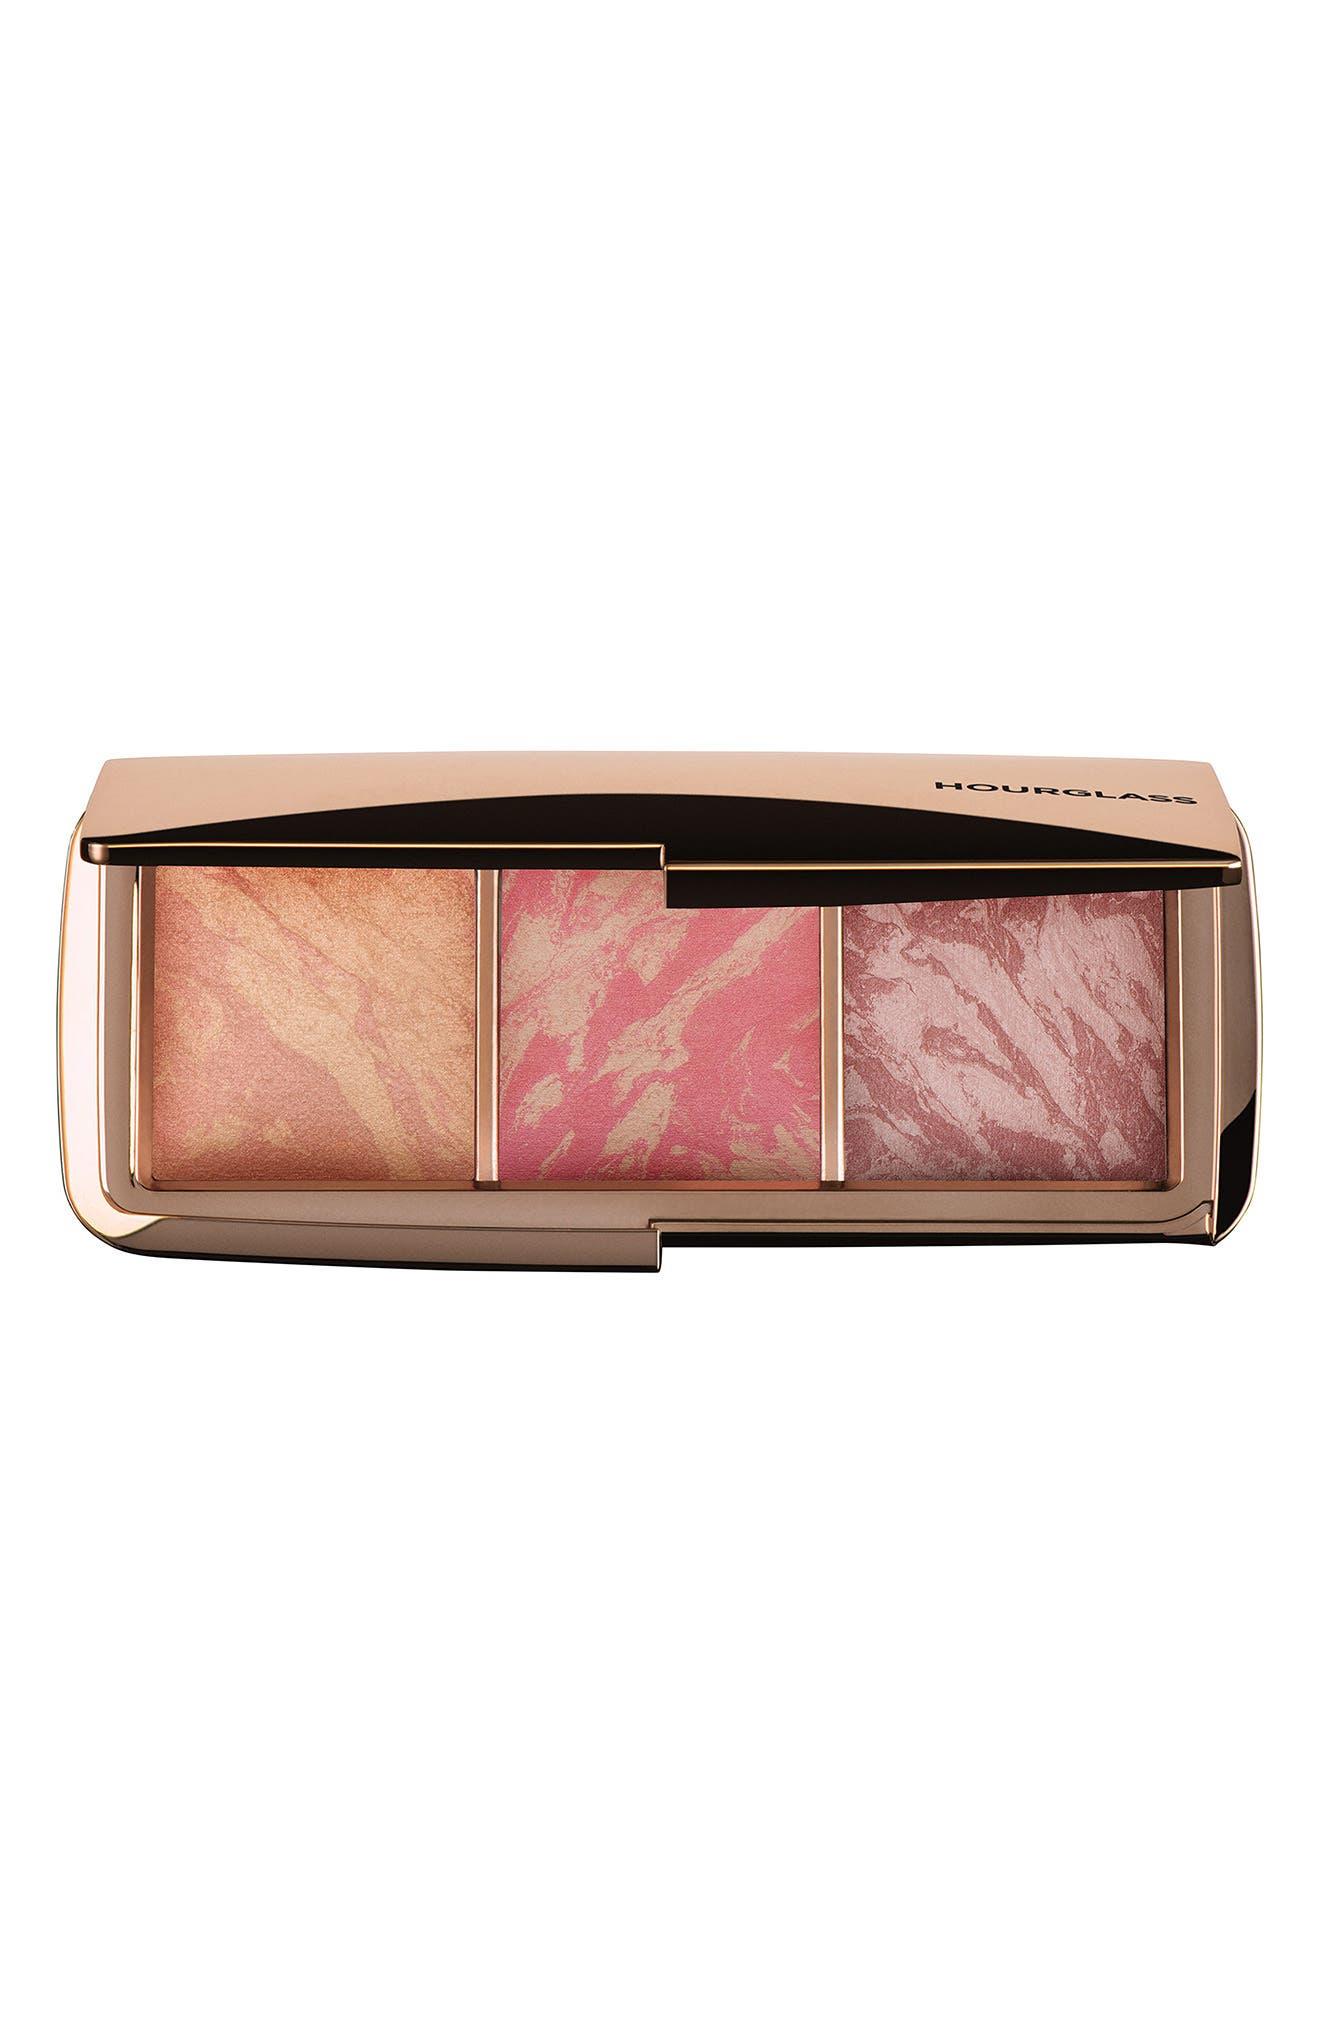 Ambient<sup>®</sup> Lighting Blush Palette,                             Main thumbnail 1, color,                             No Color